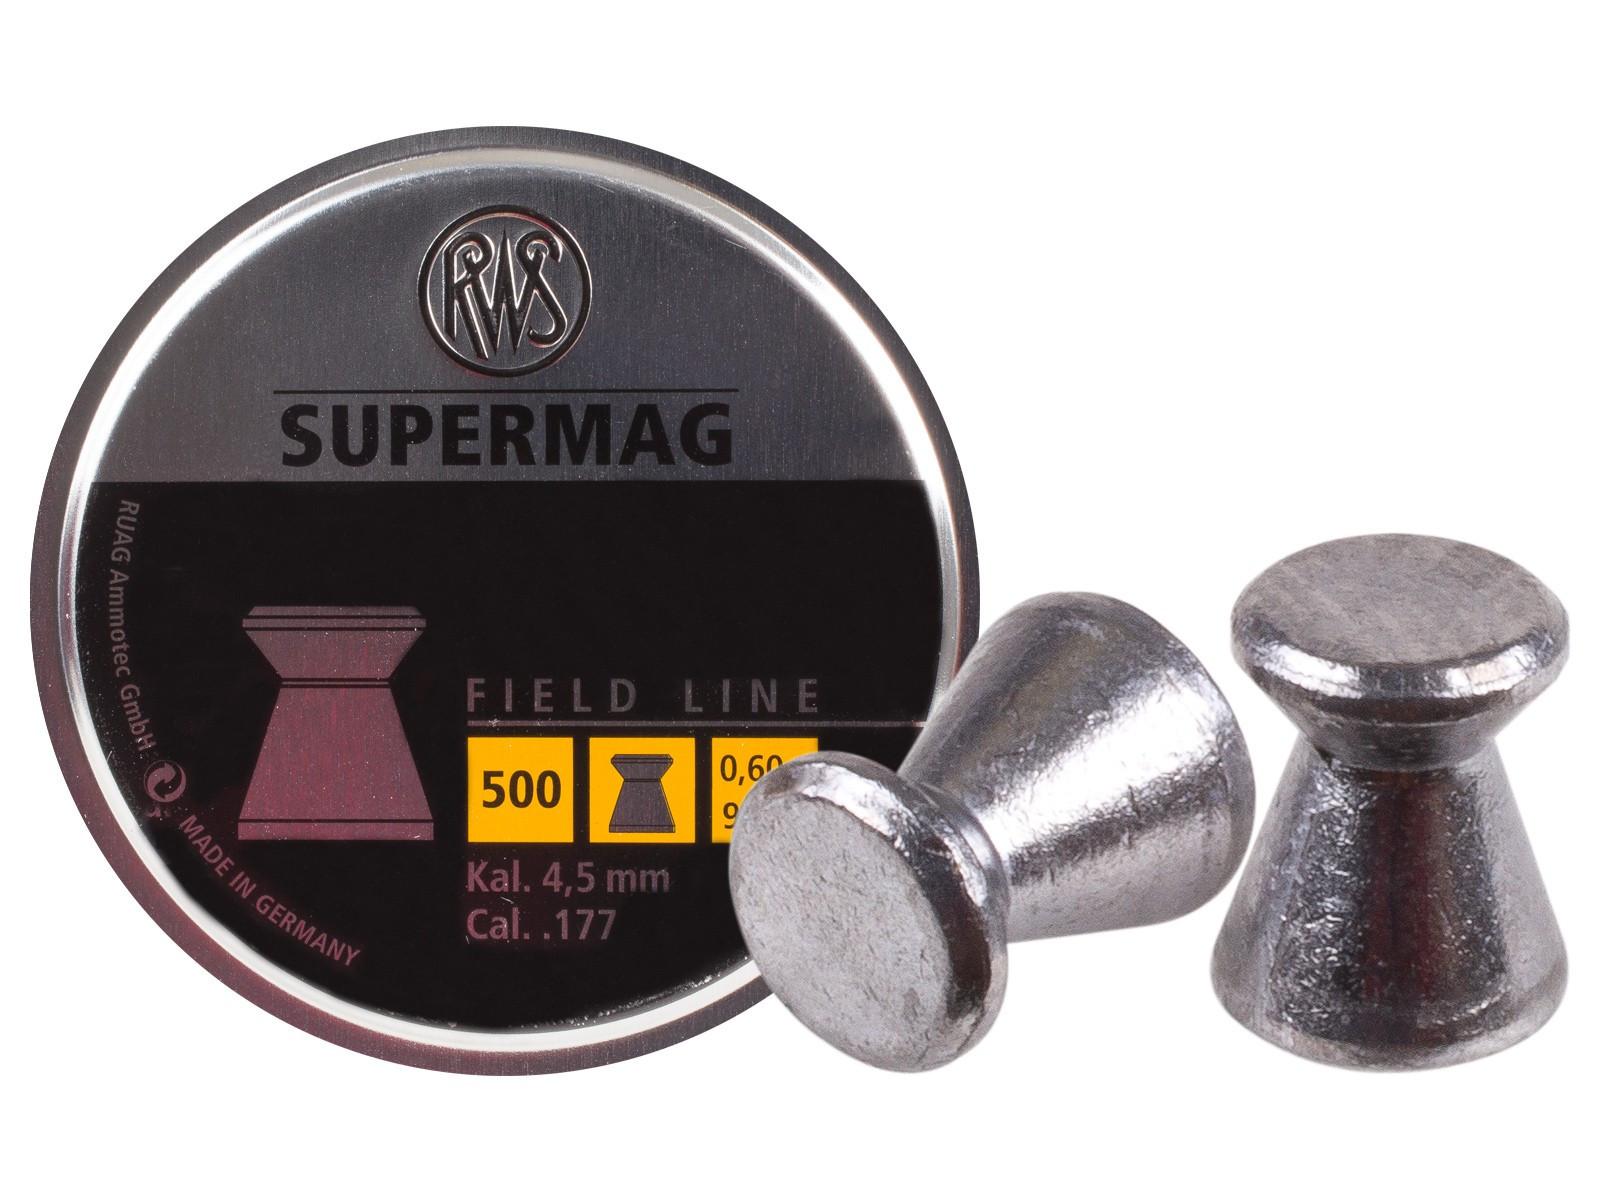 RWS SUPERMAG .177 Cal, 9.3 gr - 500 ct